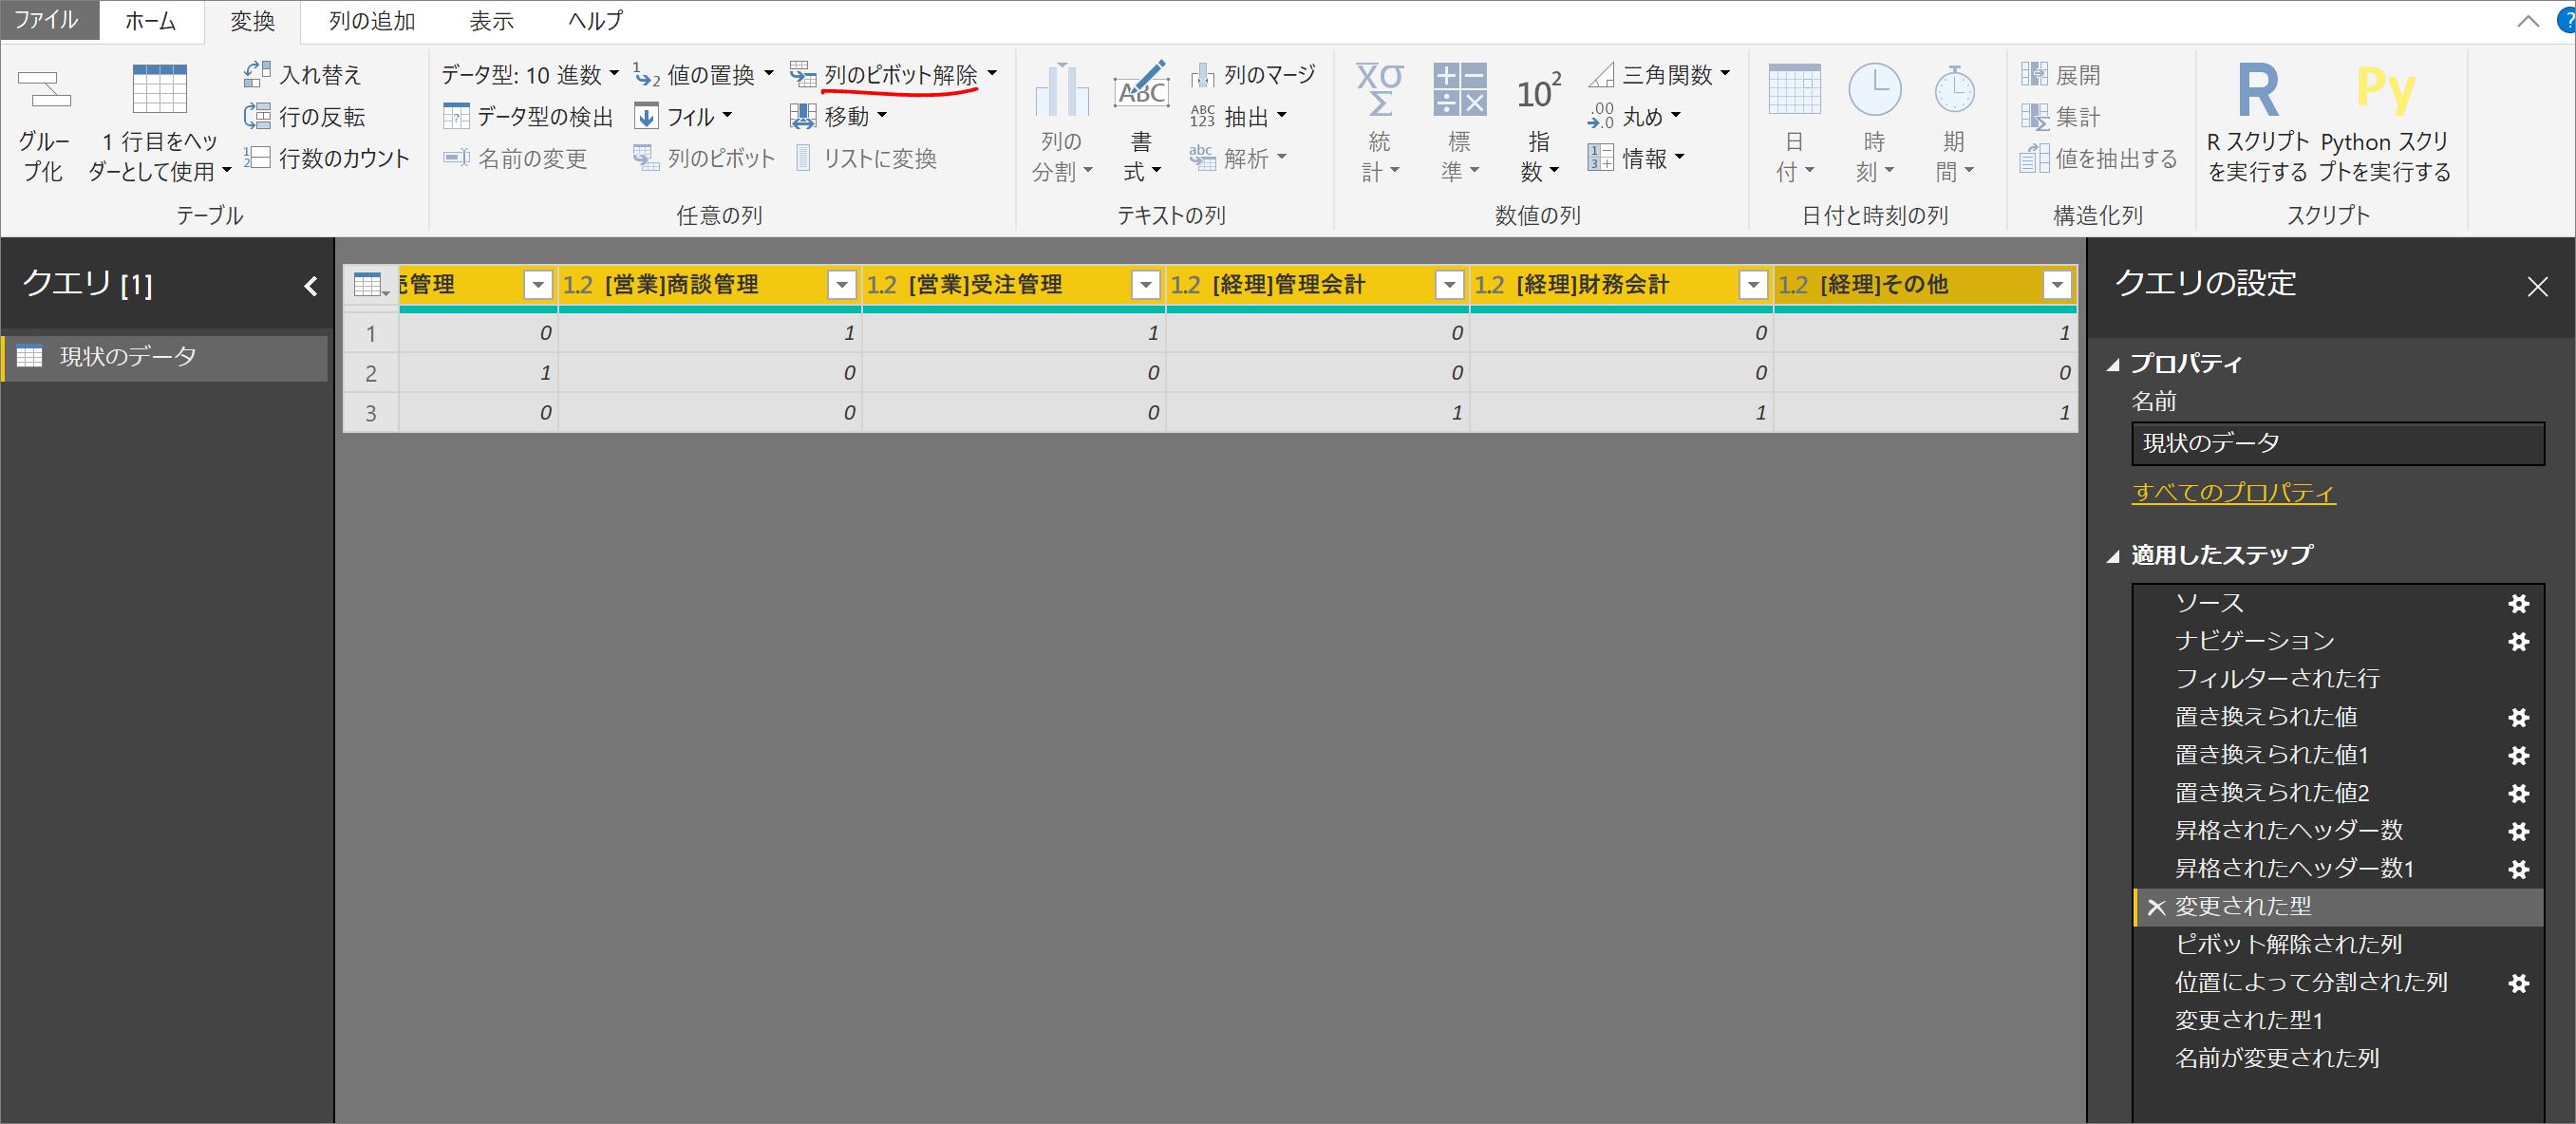 受講者からの質問コンテンツ:Excelのシステム管理台帳のデータをPower BIに取り込んで集計したい(データの横持ちを縦持ちに変換する)